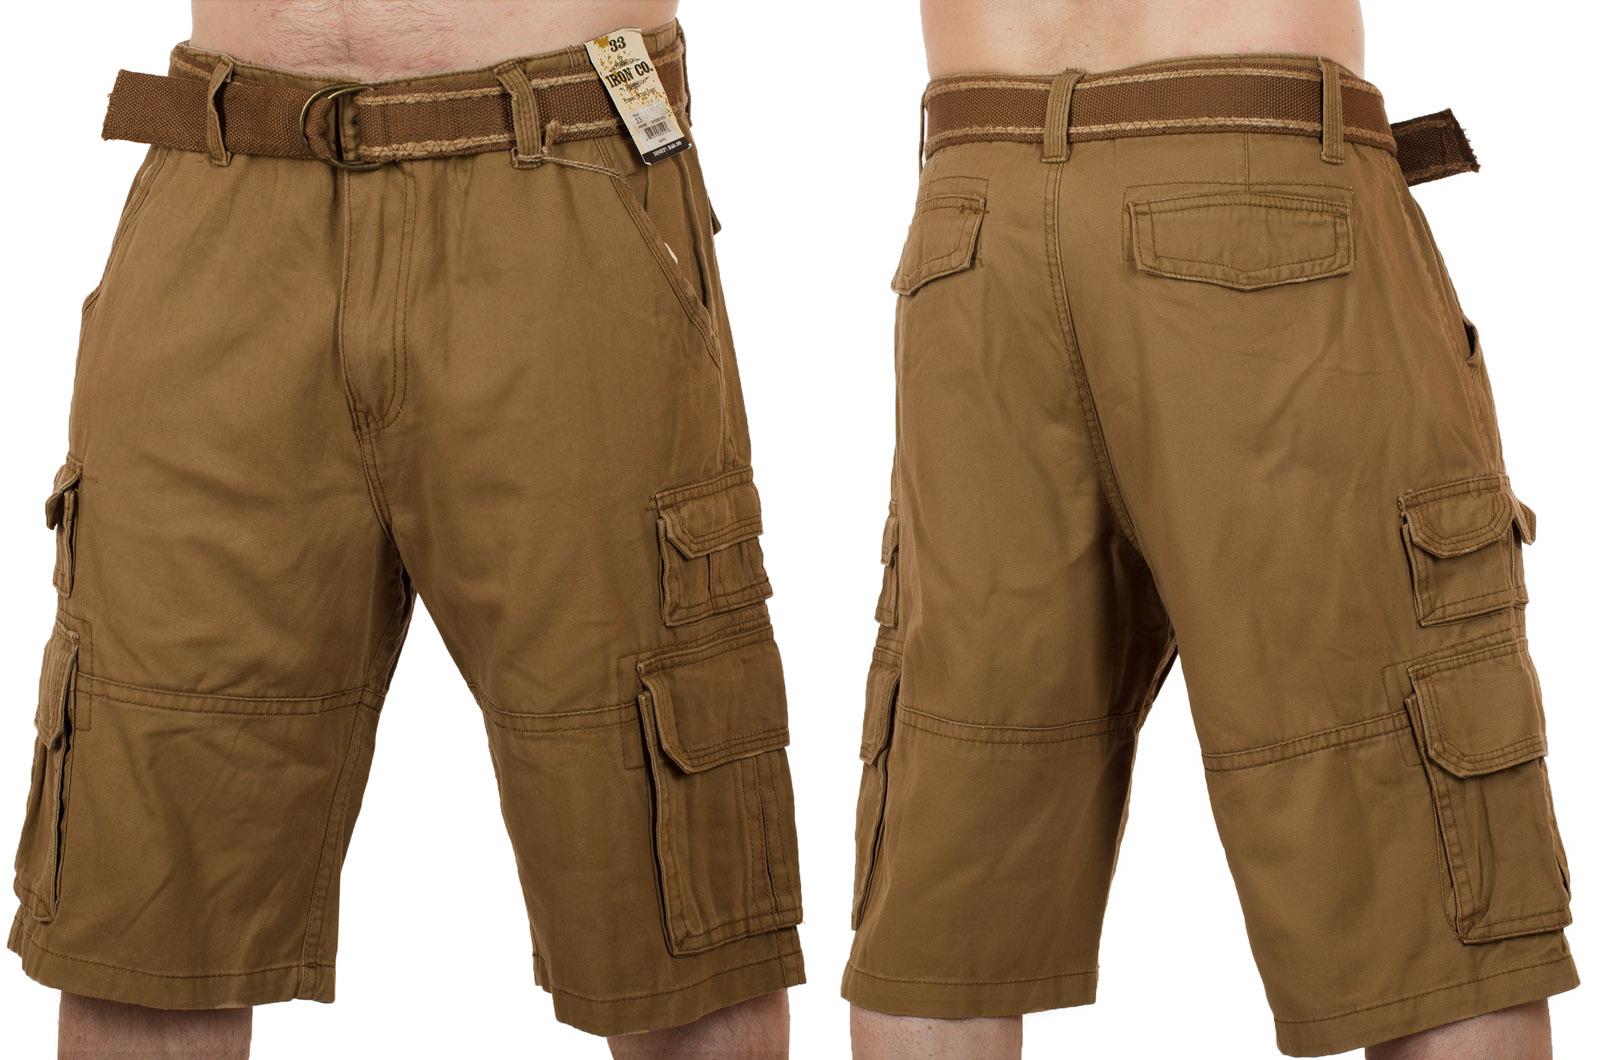 Коричневые шорты для мужчин (Iron Co., США) с доставкой